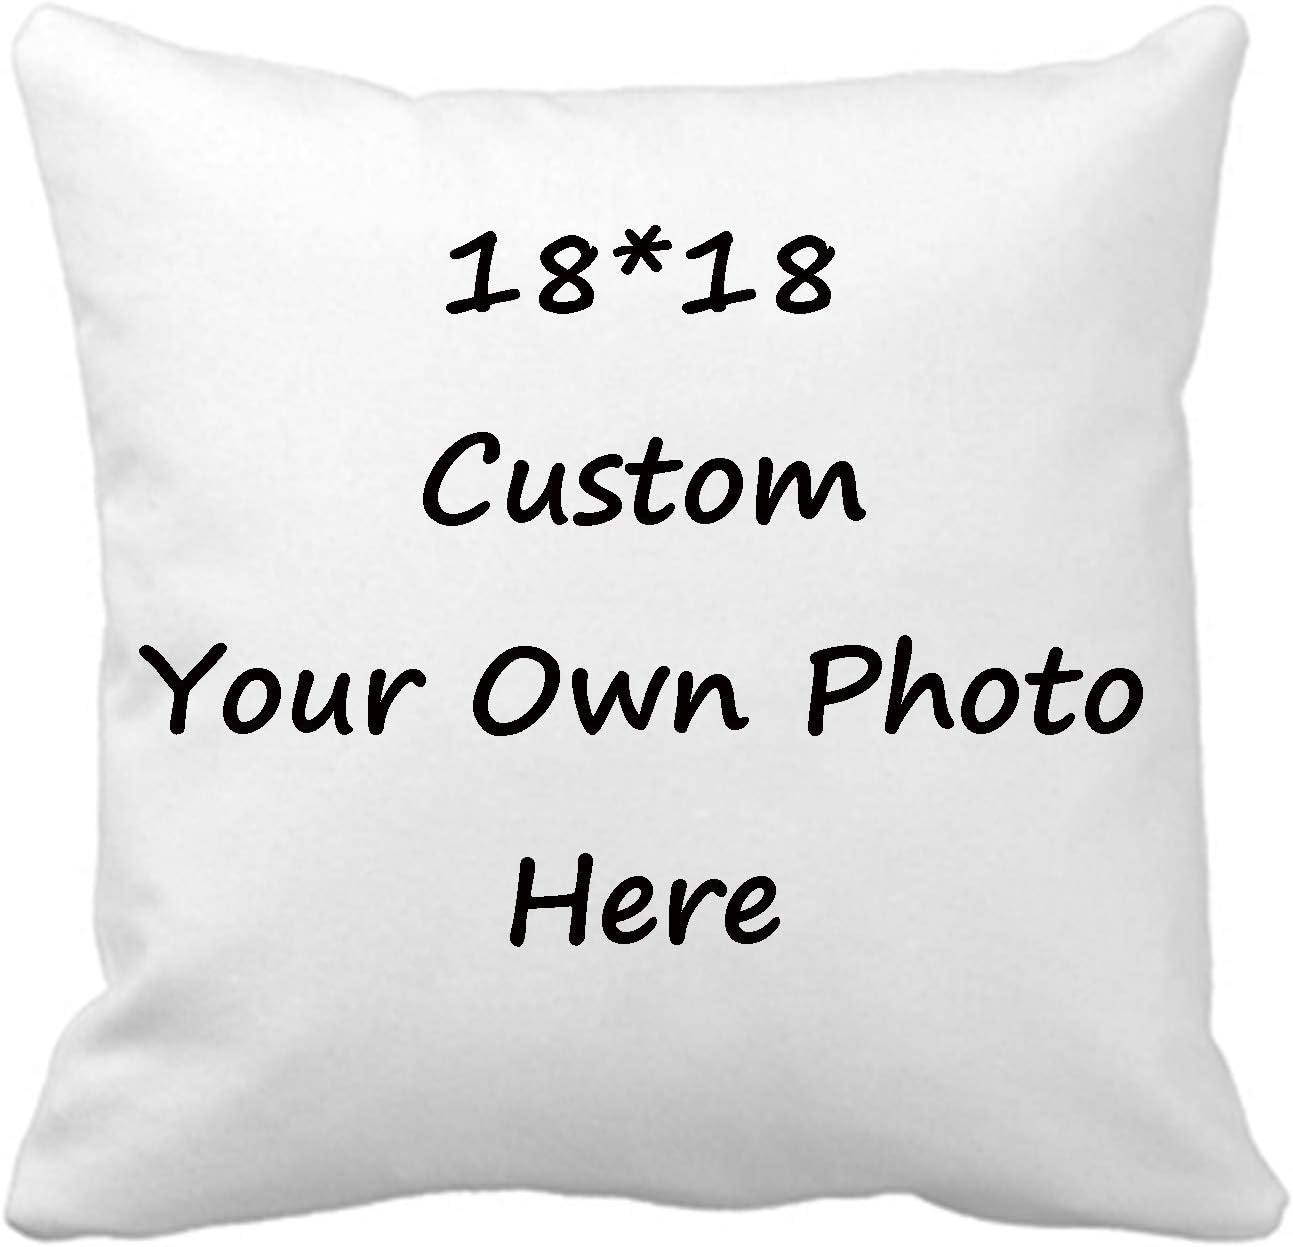 Custom Pillow Case Design Max 45% OFF Photos or Text Customize Throw Popular popular